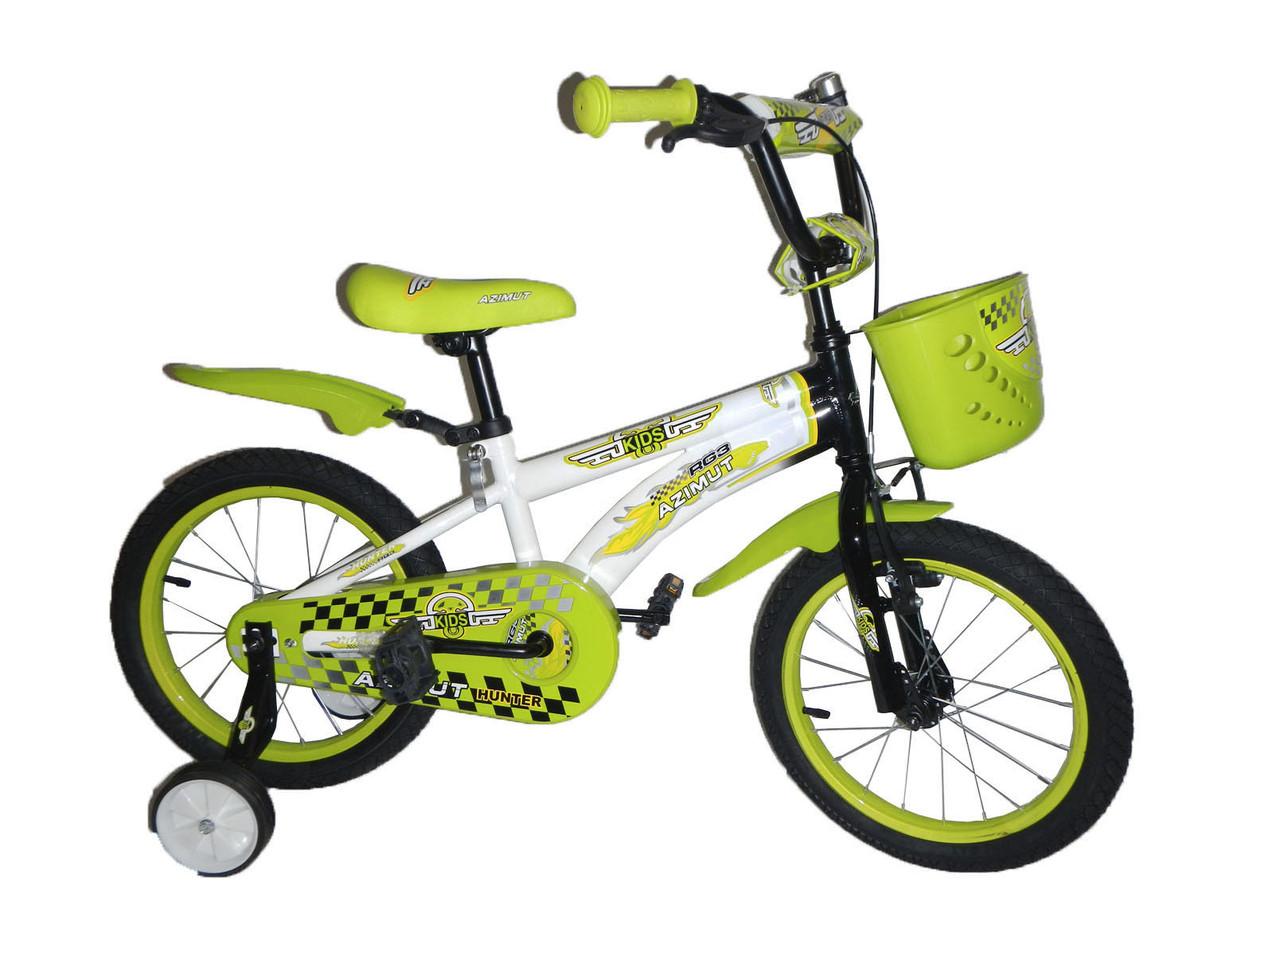 """Детский велосипед Hunter (16 дюймов) -   Интернет-магазин """"VELOSPORT.OD.UA""""  в Одессе"""